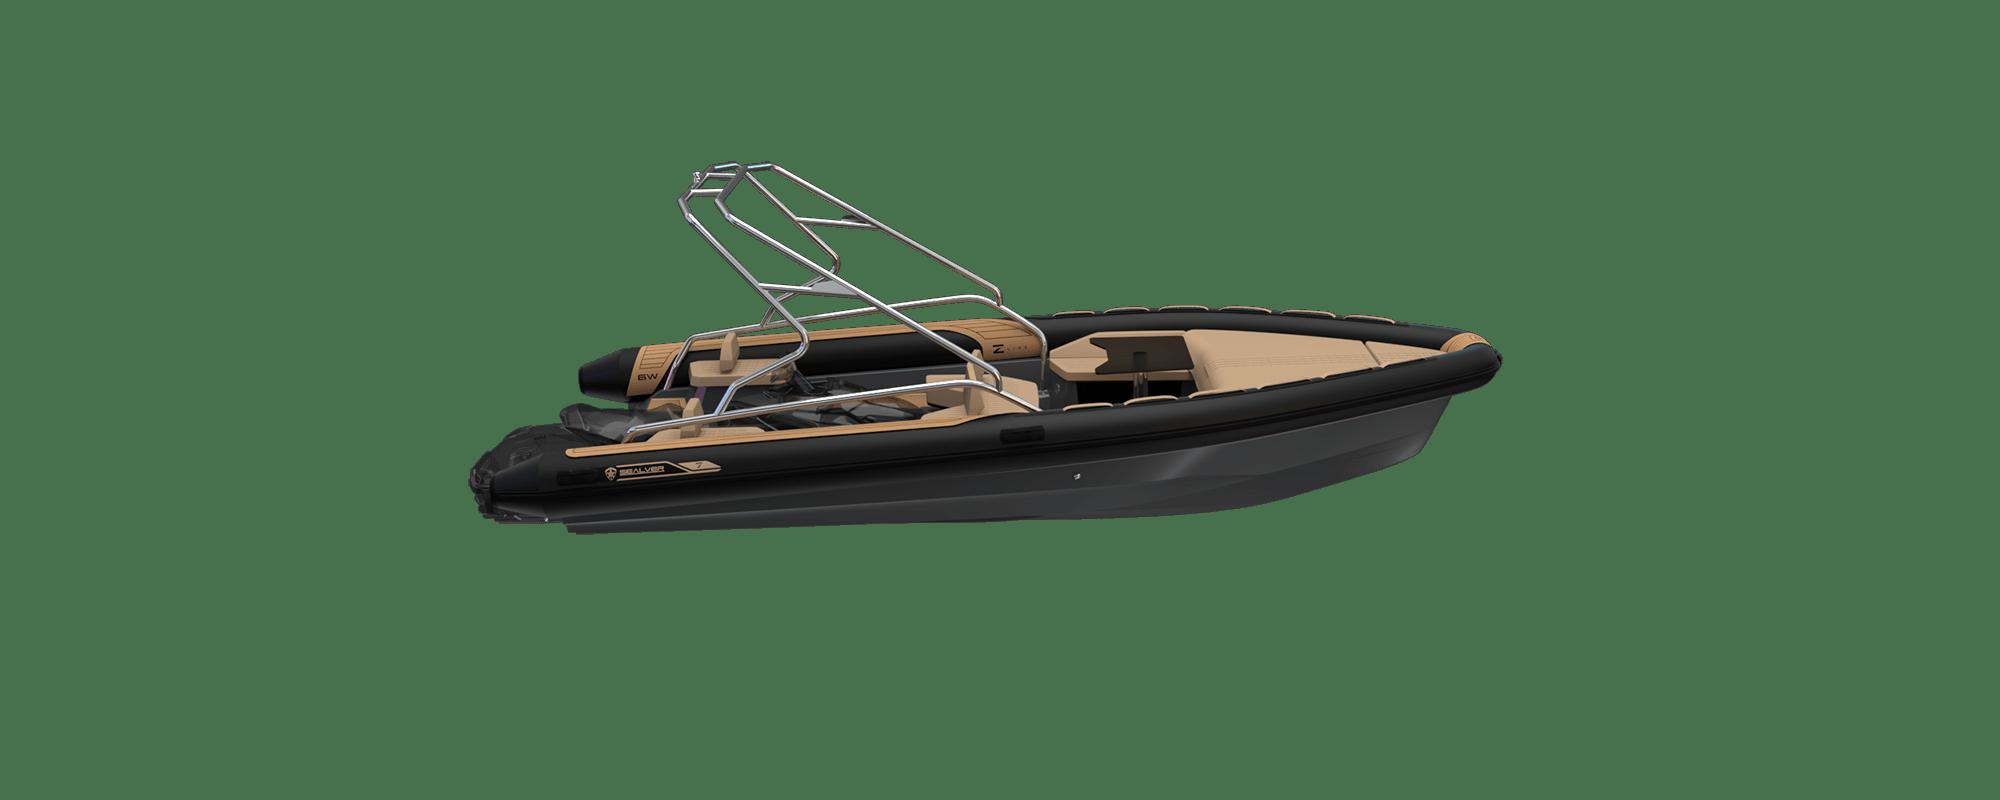 Premium waveboat ZLINE Z7 HEVO FULL WAKE Jetski